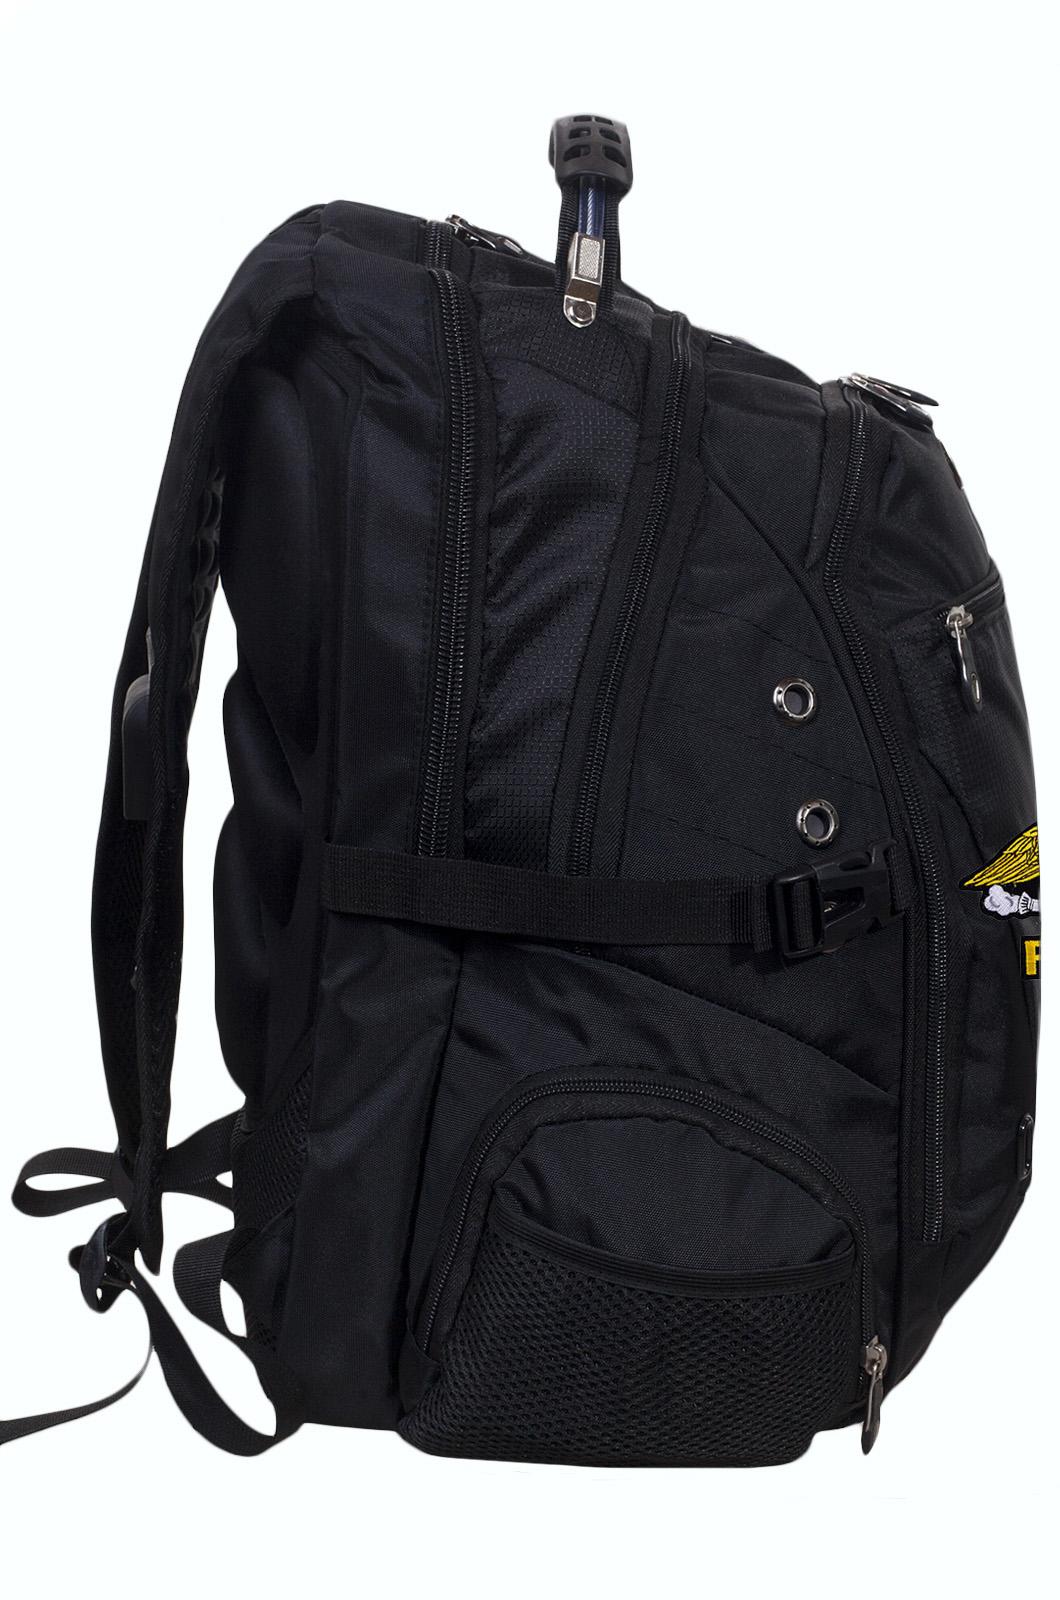 Мужской черный рюкзак для города с нашивкой РХБЗ купить в подарок